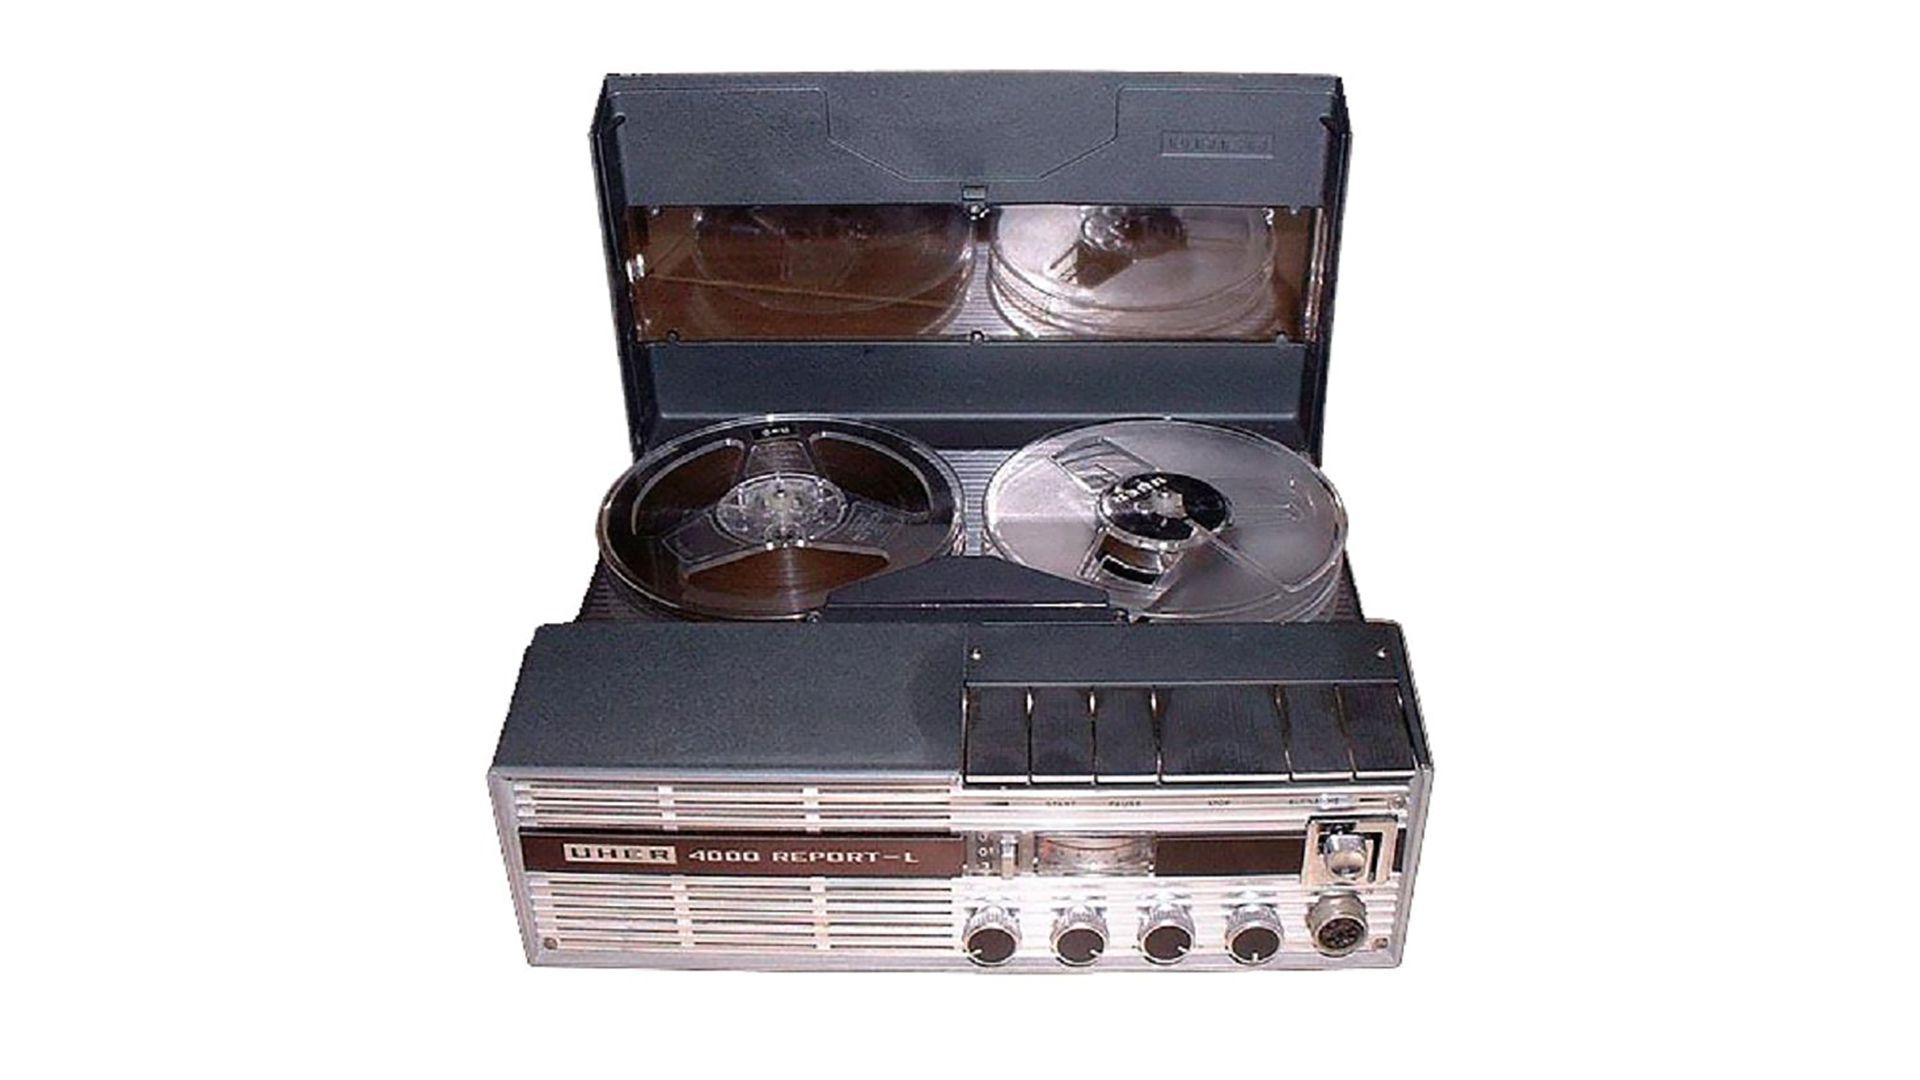 El grabador UHER-4000, con cinta Basf, usado para grabar la conversación entre Leopoldo Galtieri y Ronald Reagan. Fue instalado por funcionarios de la SIDE en el Salón Norte de la Casa de Gobierno y operado por Alejandro Escobar un funcionario civil de la Presidencia.